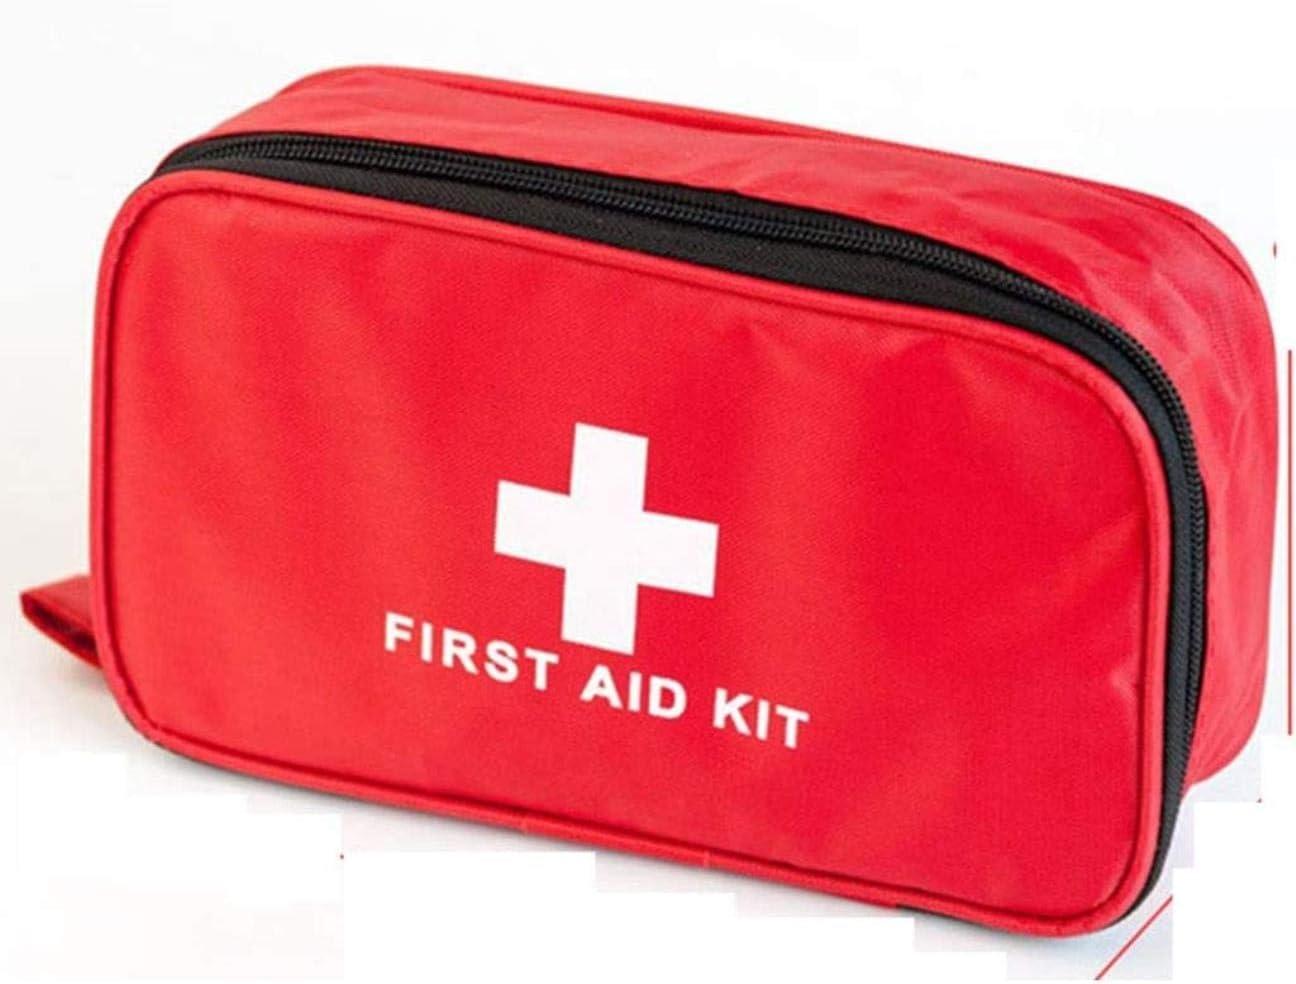 LBWNB Kit de Primeros Auxilios del Recorrido al Aire portátil Coche Kit médico pequeña Caja de Fuego portátil de Medicina de Emergencia Terremoto Bolsa de Almacenamiento de Hogares